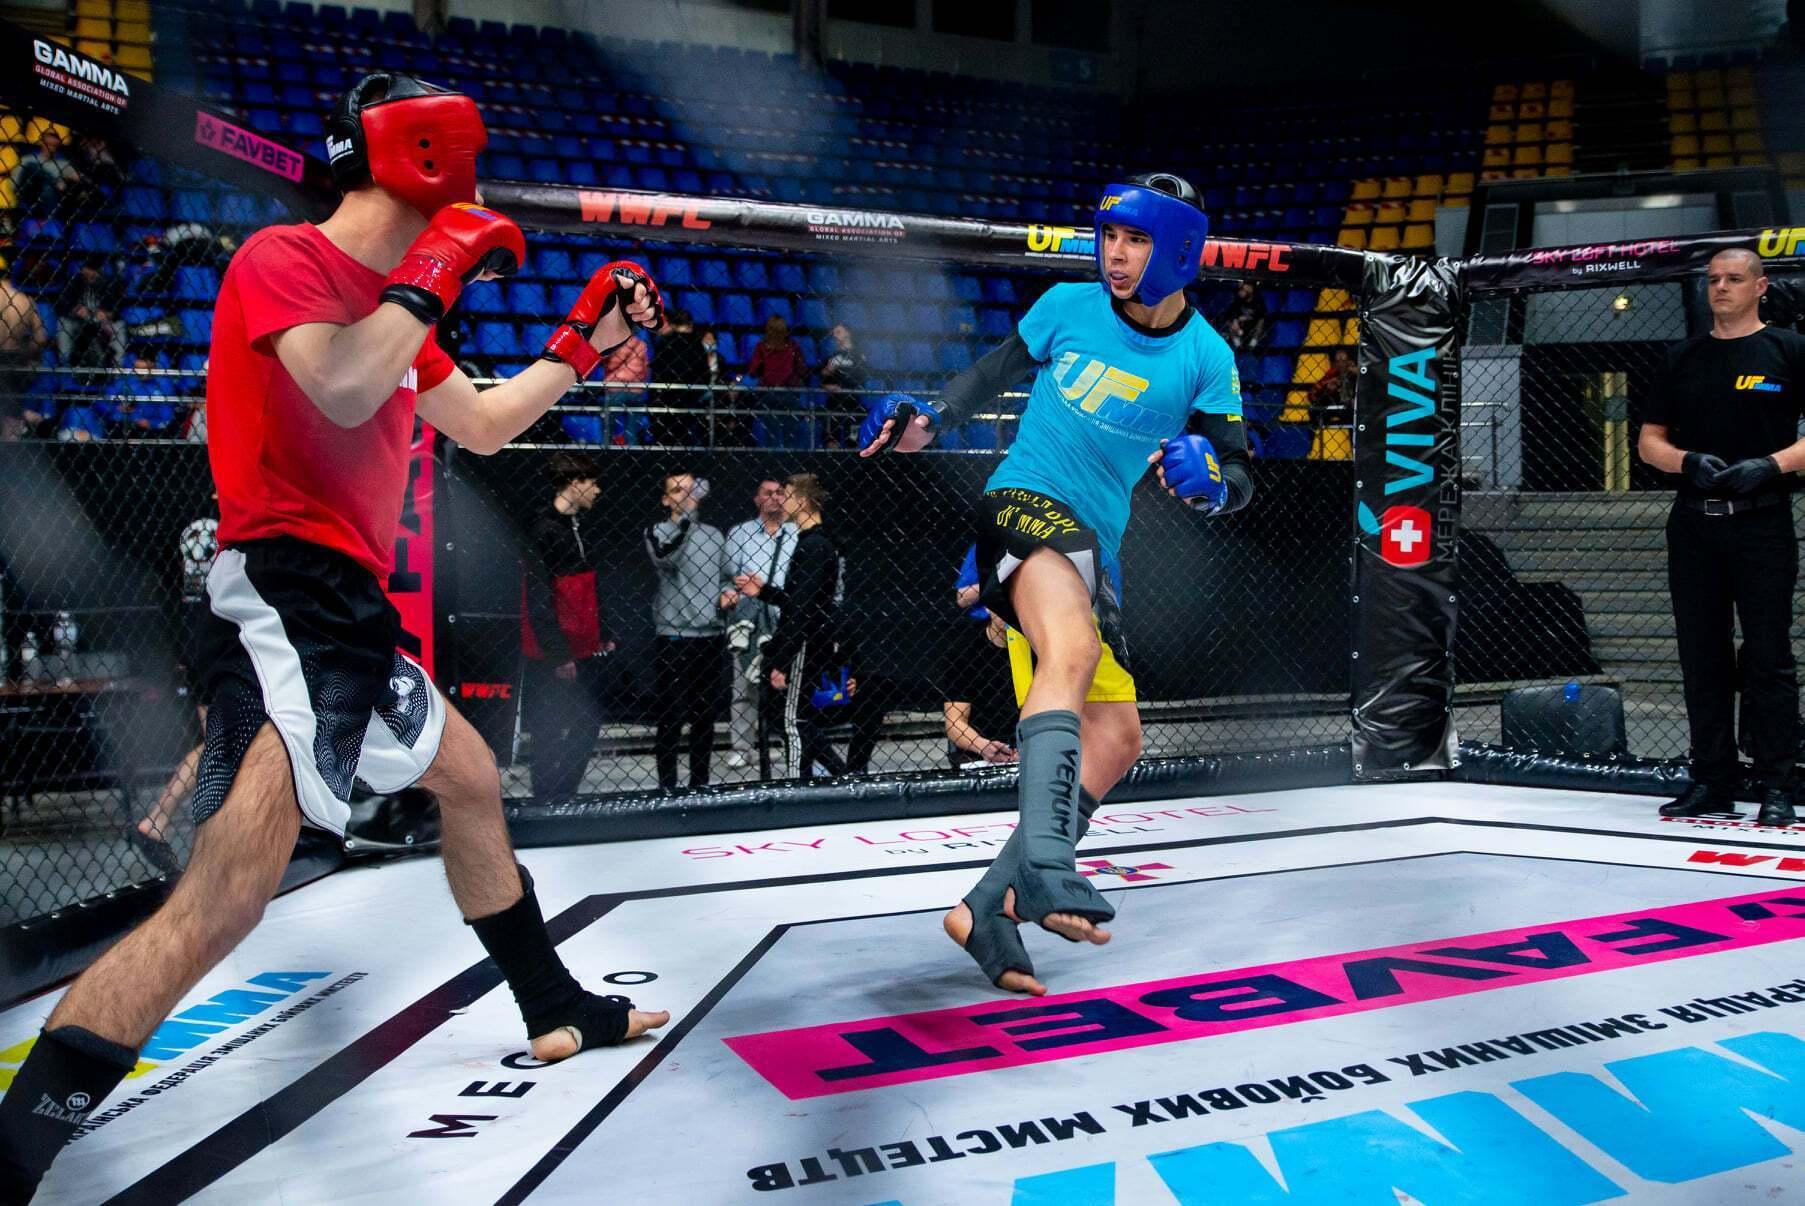 Бой в смешанных единоборствах в киевском Дворце спорта.